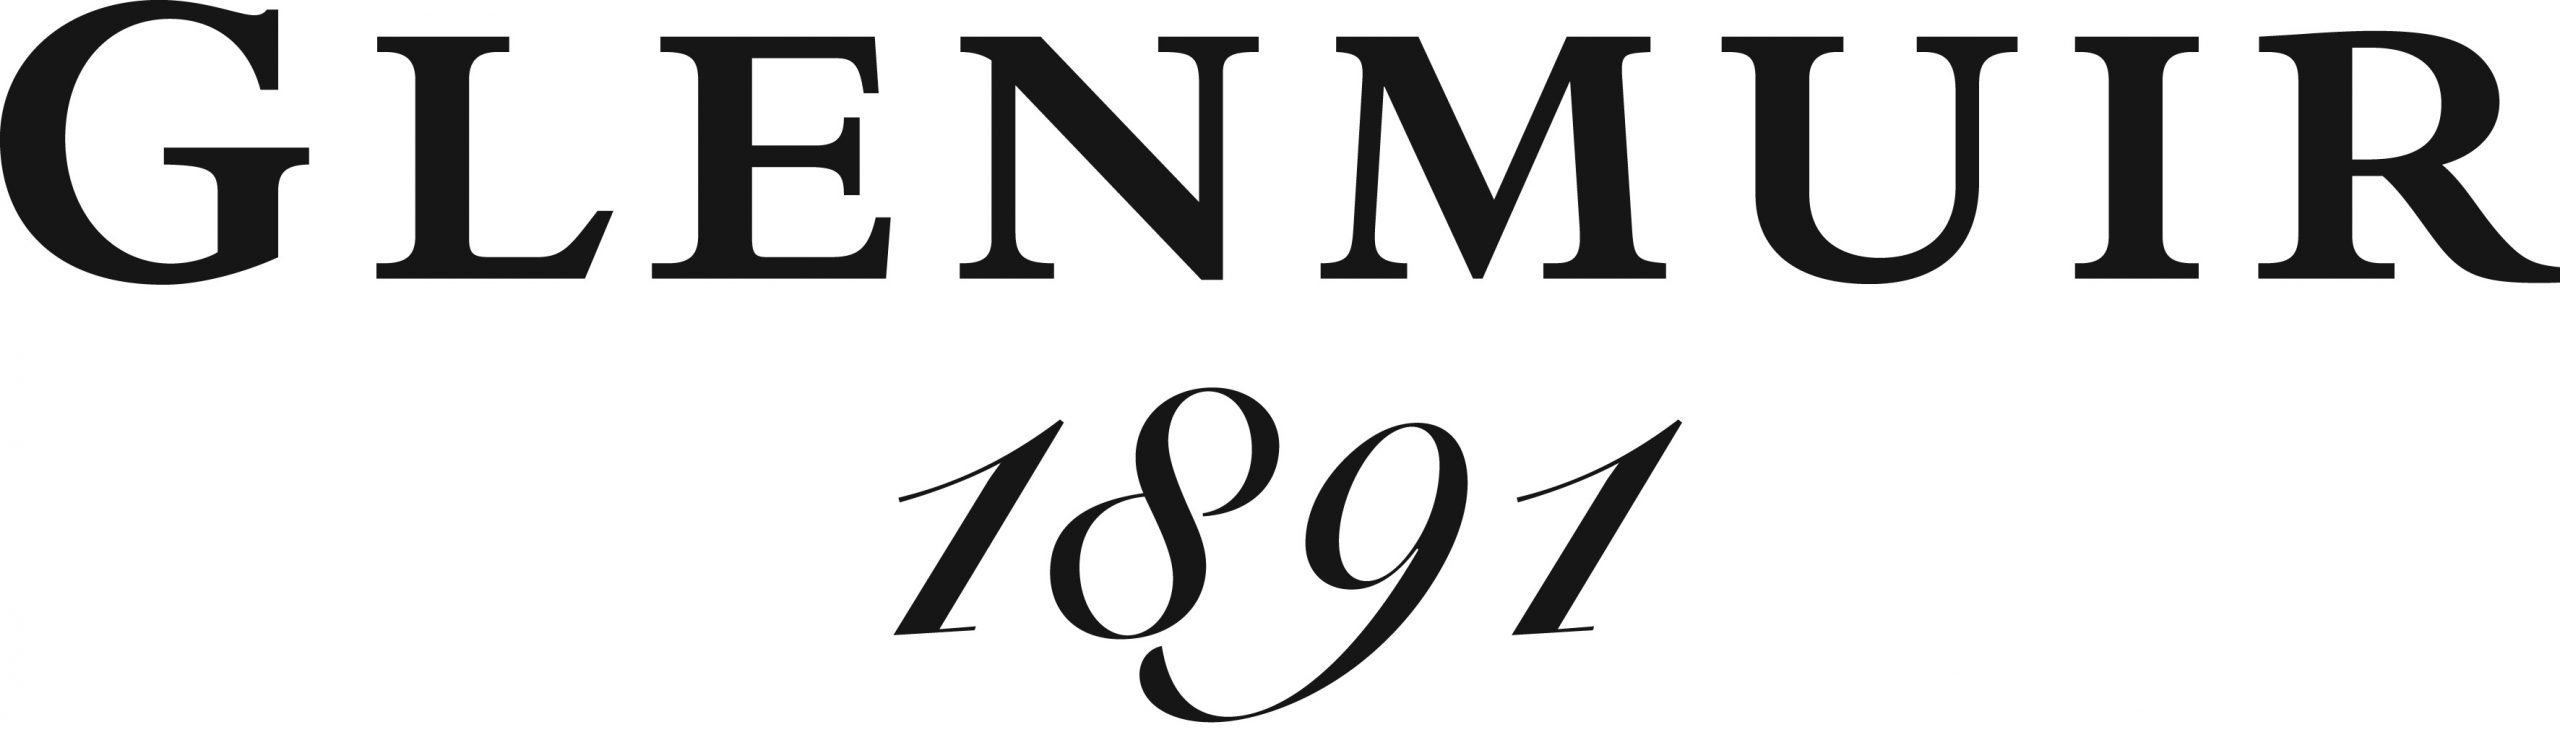 Glenmuir 1891 Script Logo large